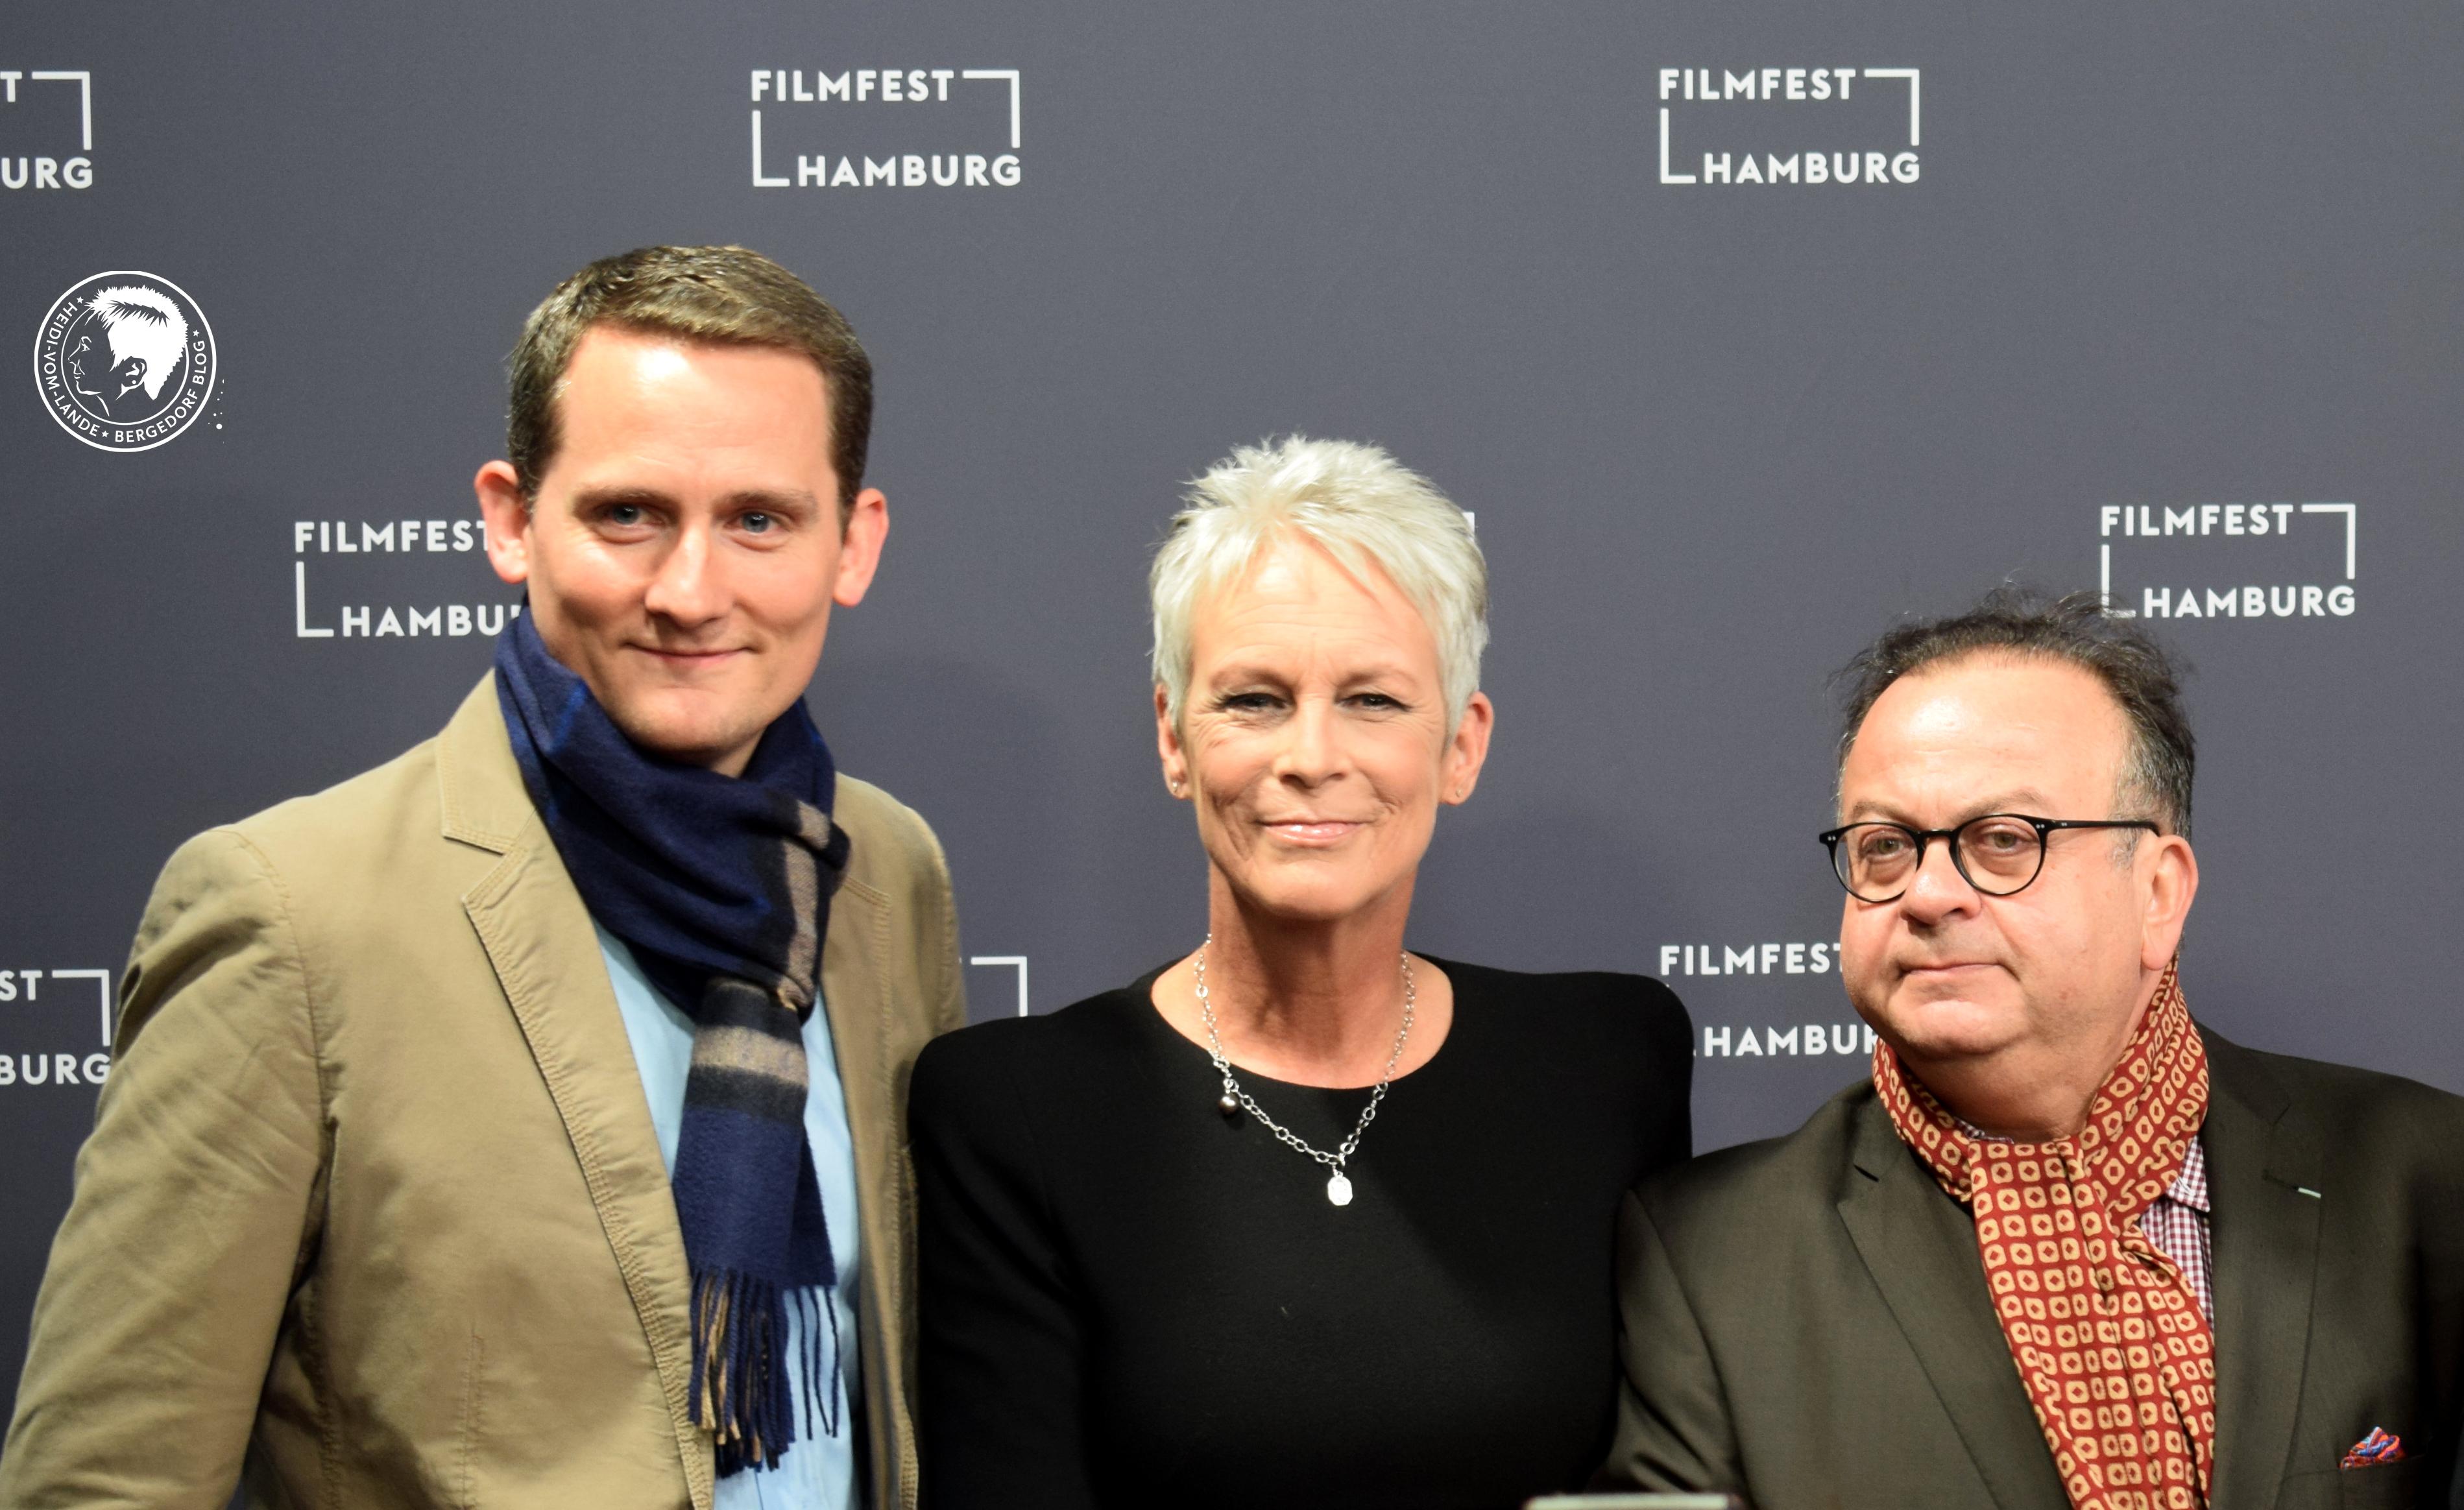 Filmfest Hamburg, Stars auf dem roten Teppich, Kino, Filme, 2018, Regisseure, Schauspieler, Presserummel, Kinofilm, Weltfilm, Eröffnung, Fotos, Jamie Lee Curtis